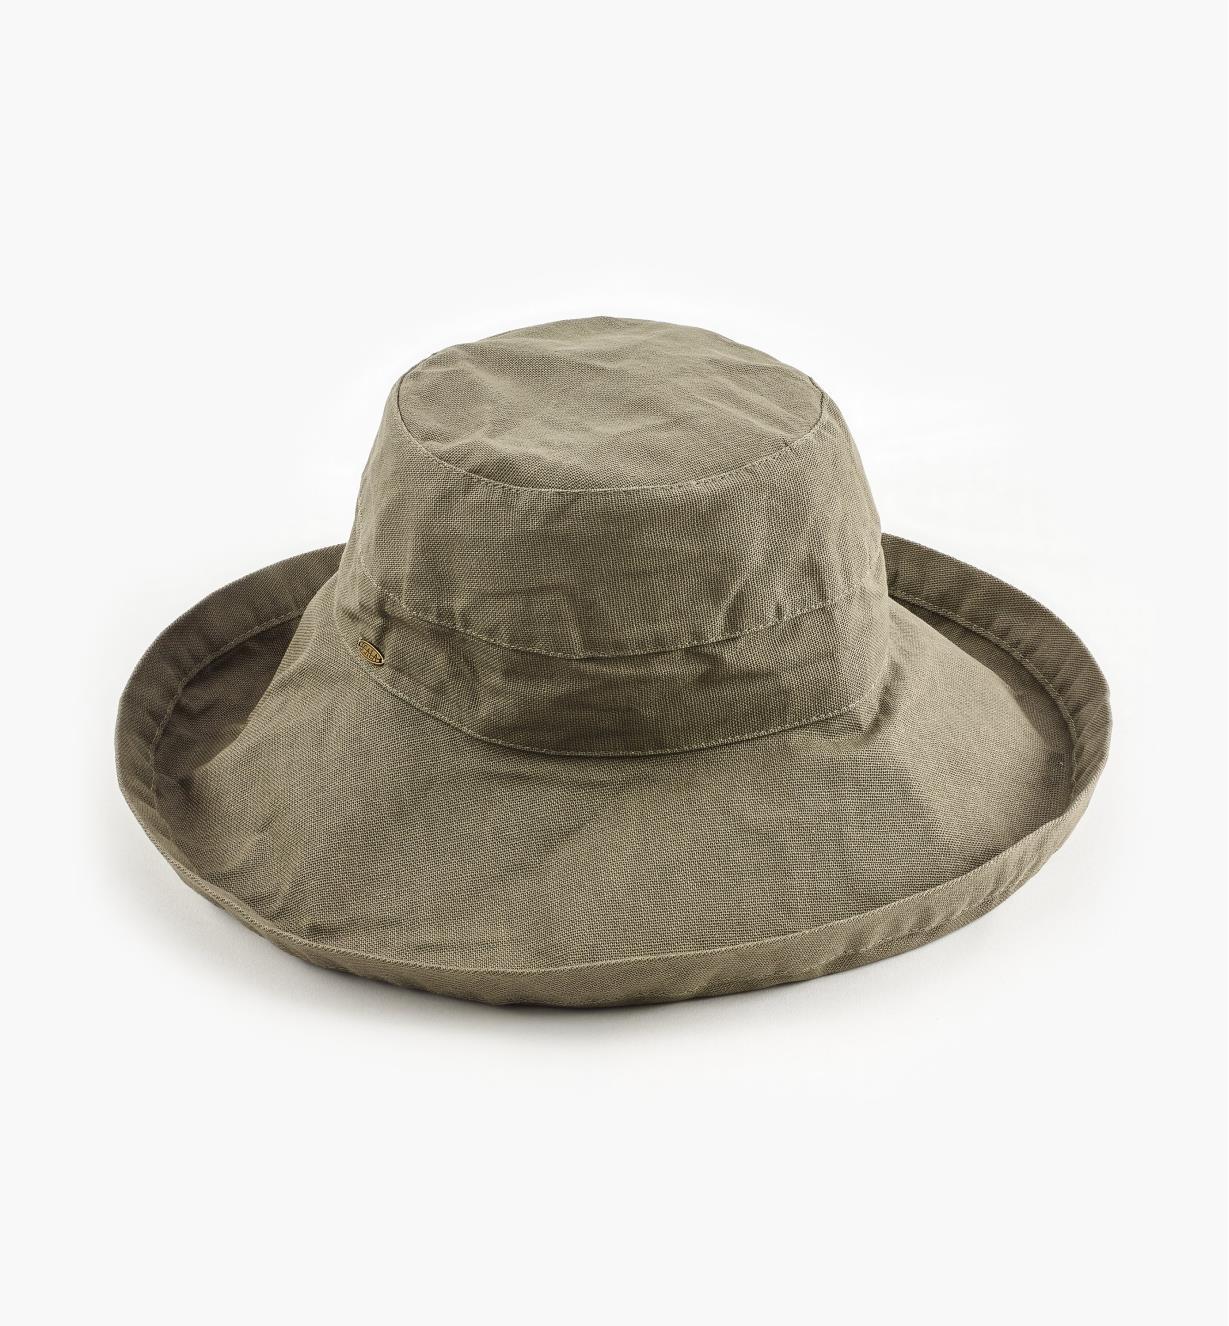 HL418 - Chapeau de soleil classique, olive